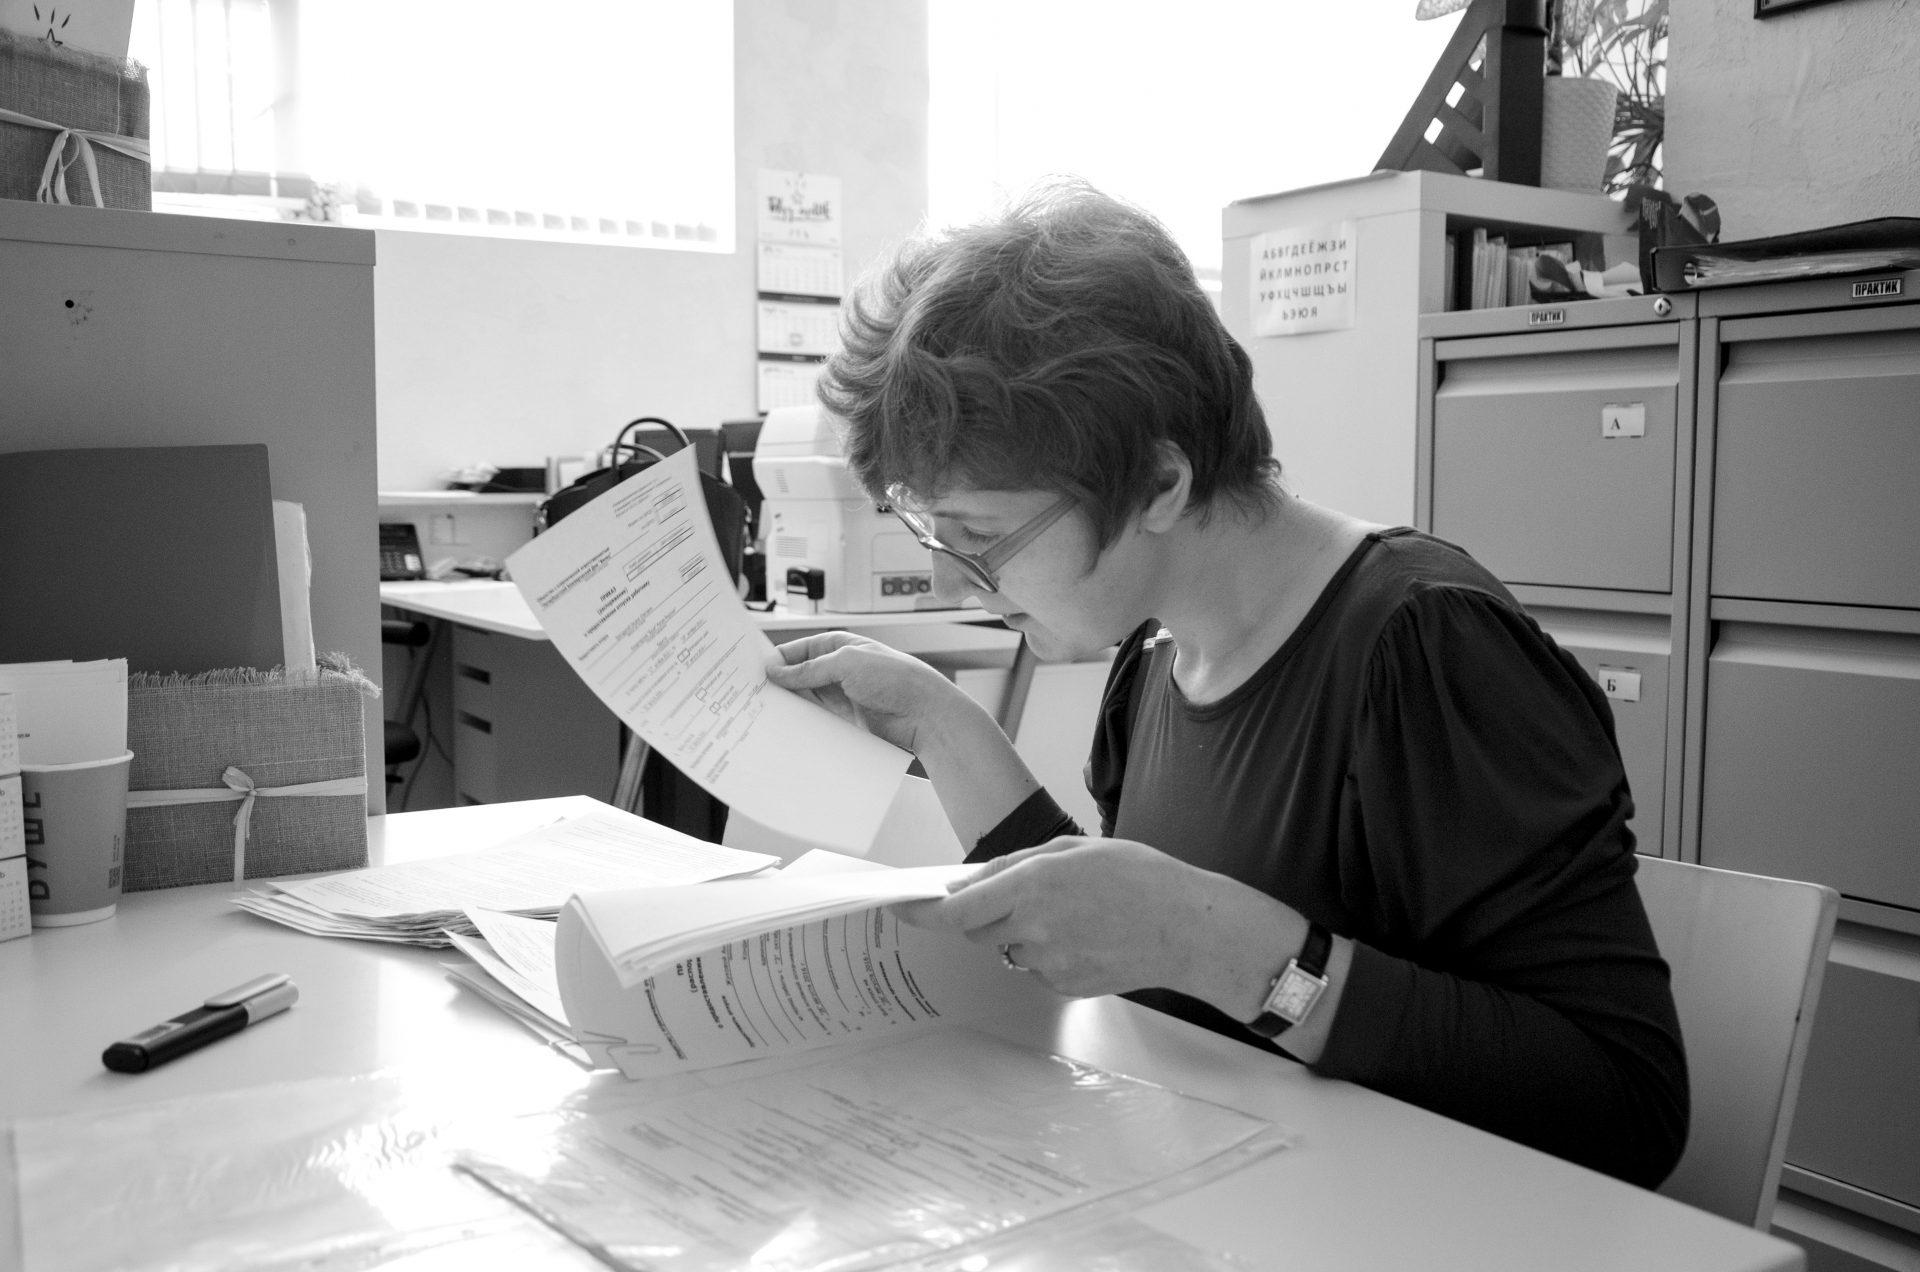 Маша работает с документами